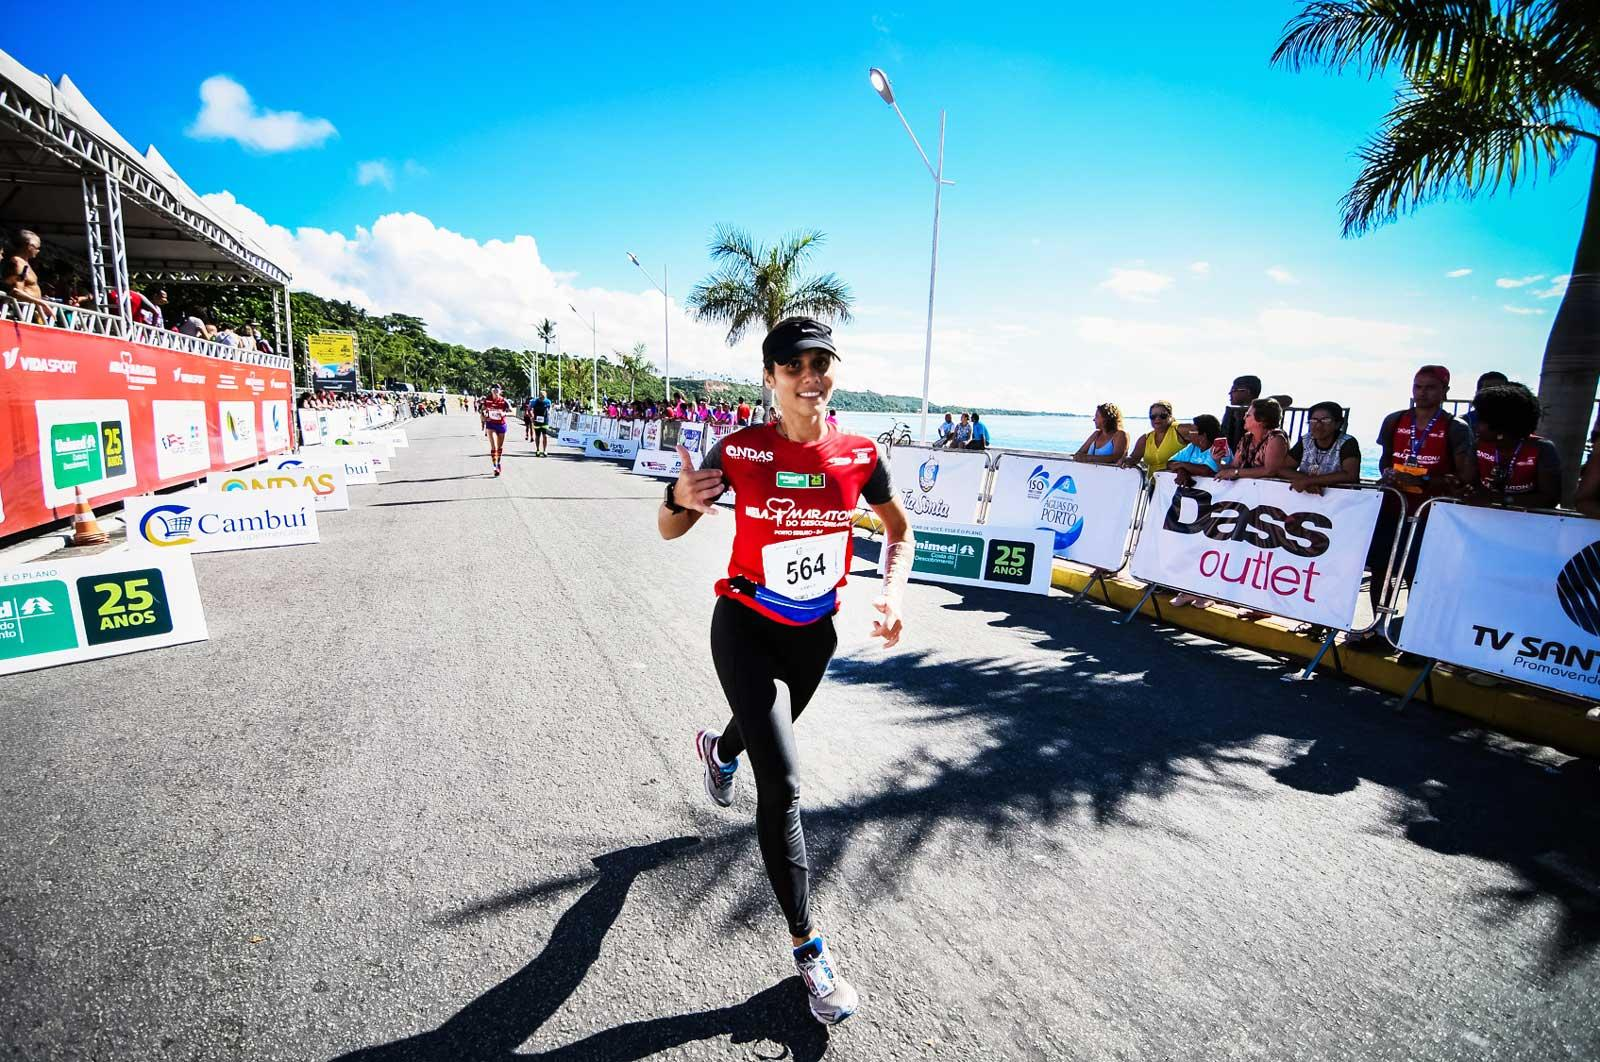 Meia Maratona do Descobrimento confirma a data da edição de 2020 em sua quinta edição